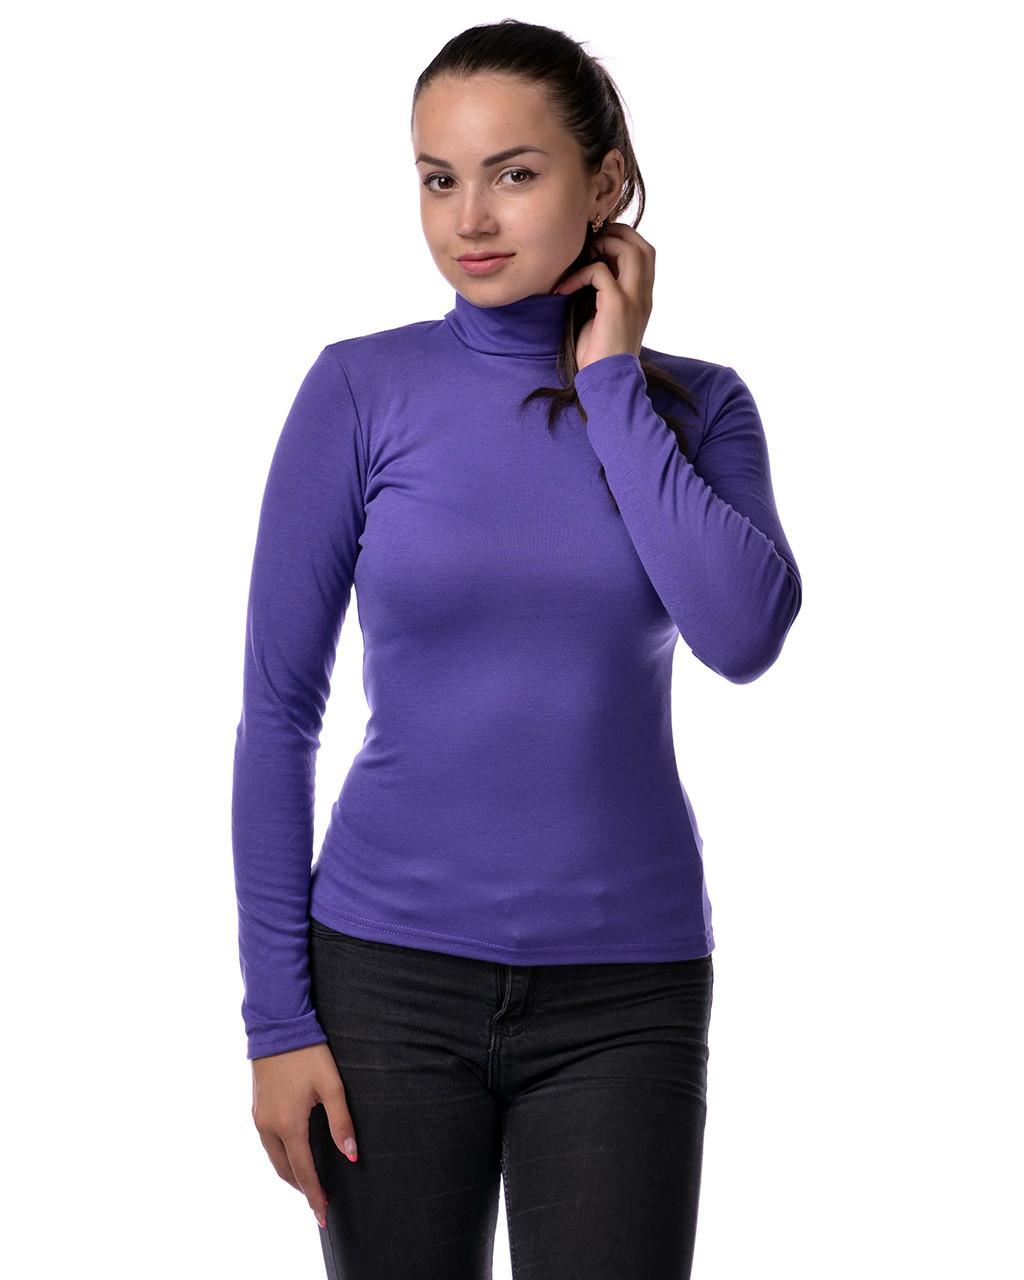 Водолазка гольф женский из полушерсти на флисе М(42-46), фиолет